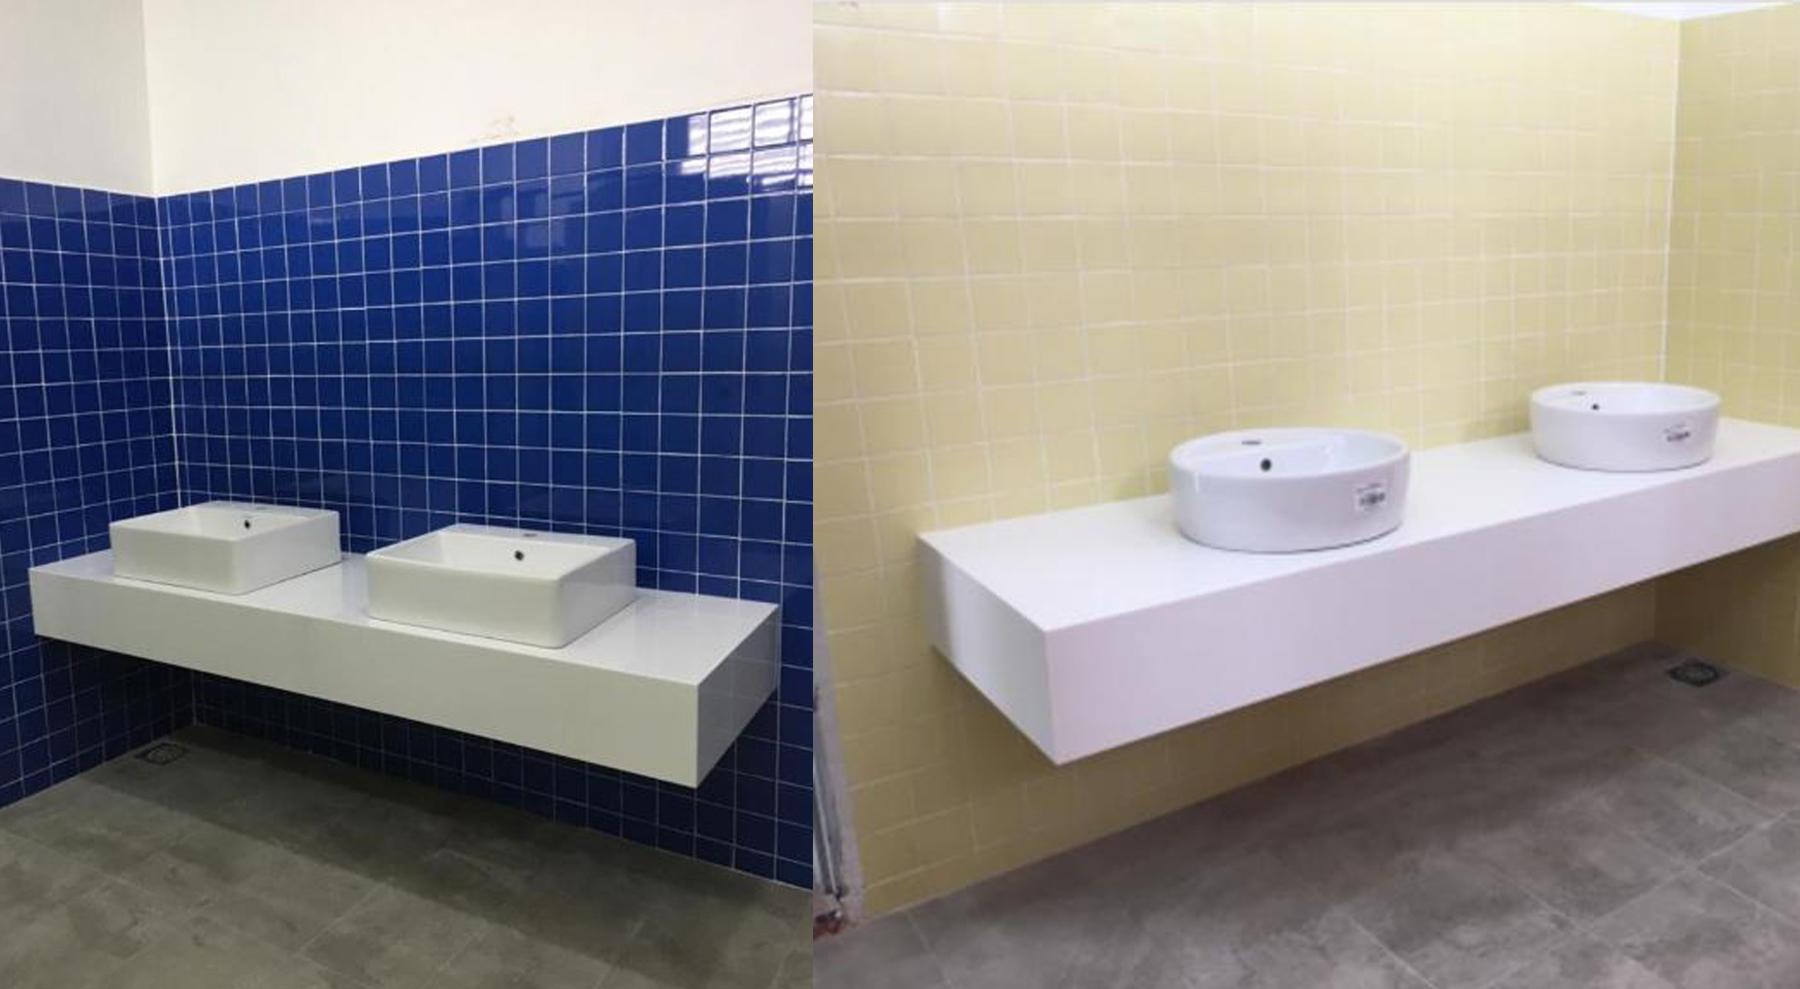 Washroom Sinks